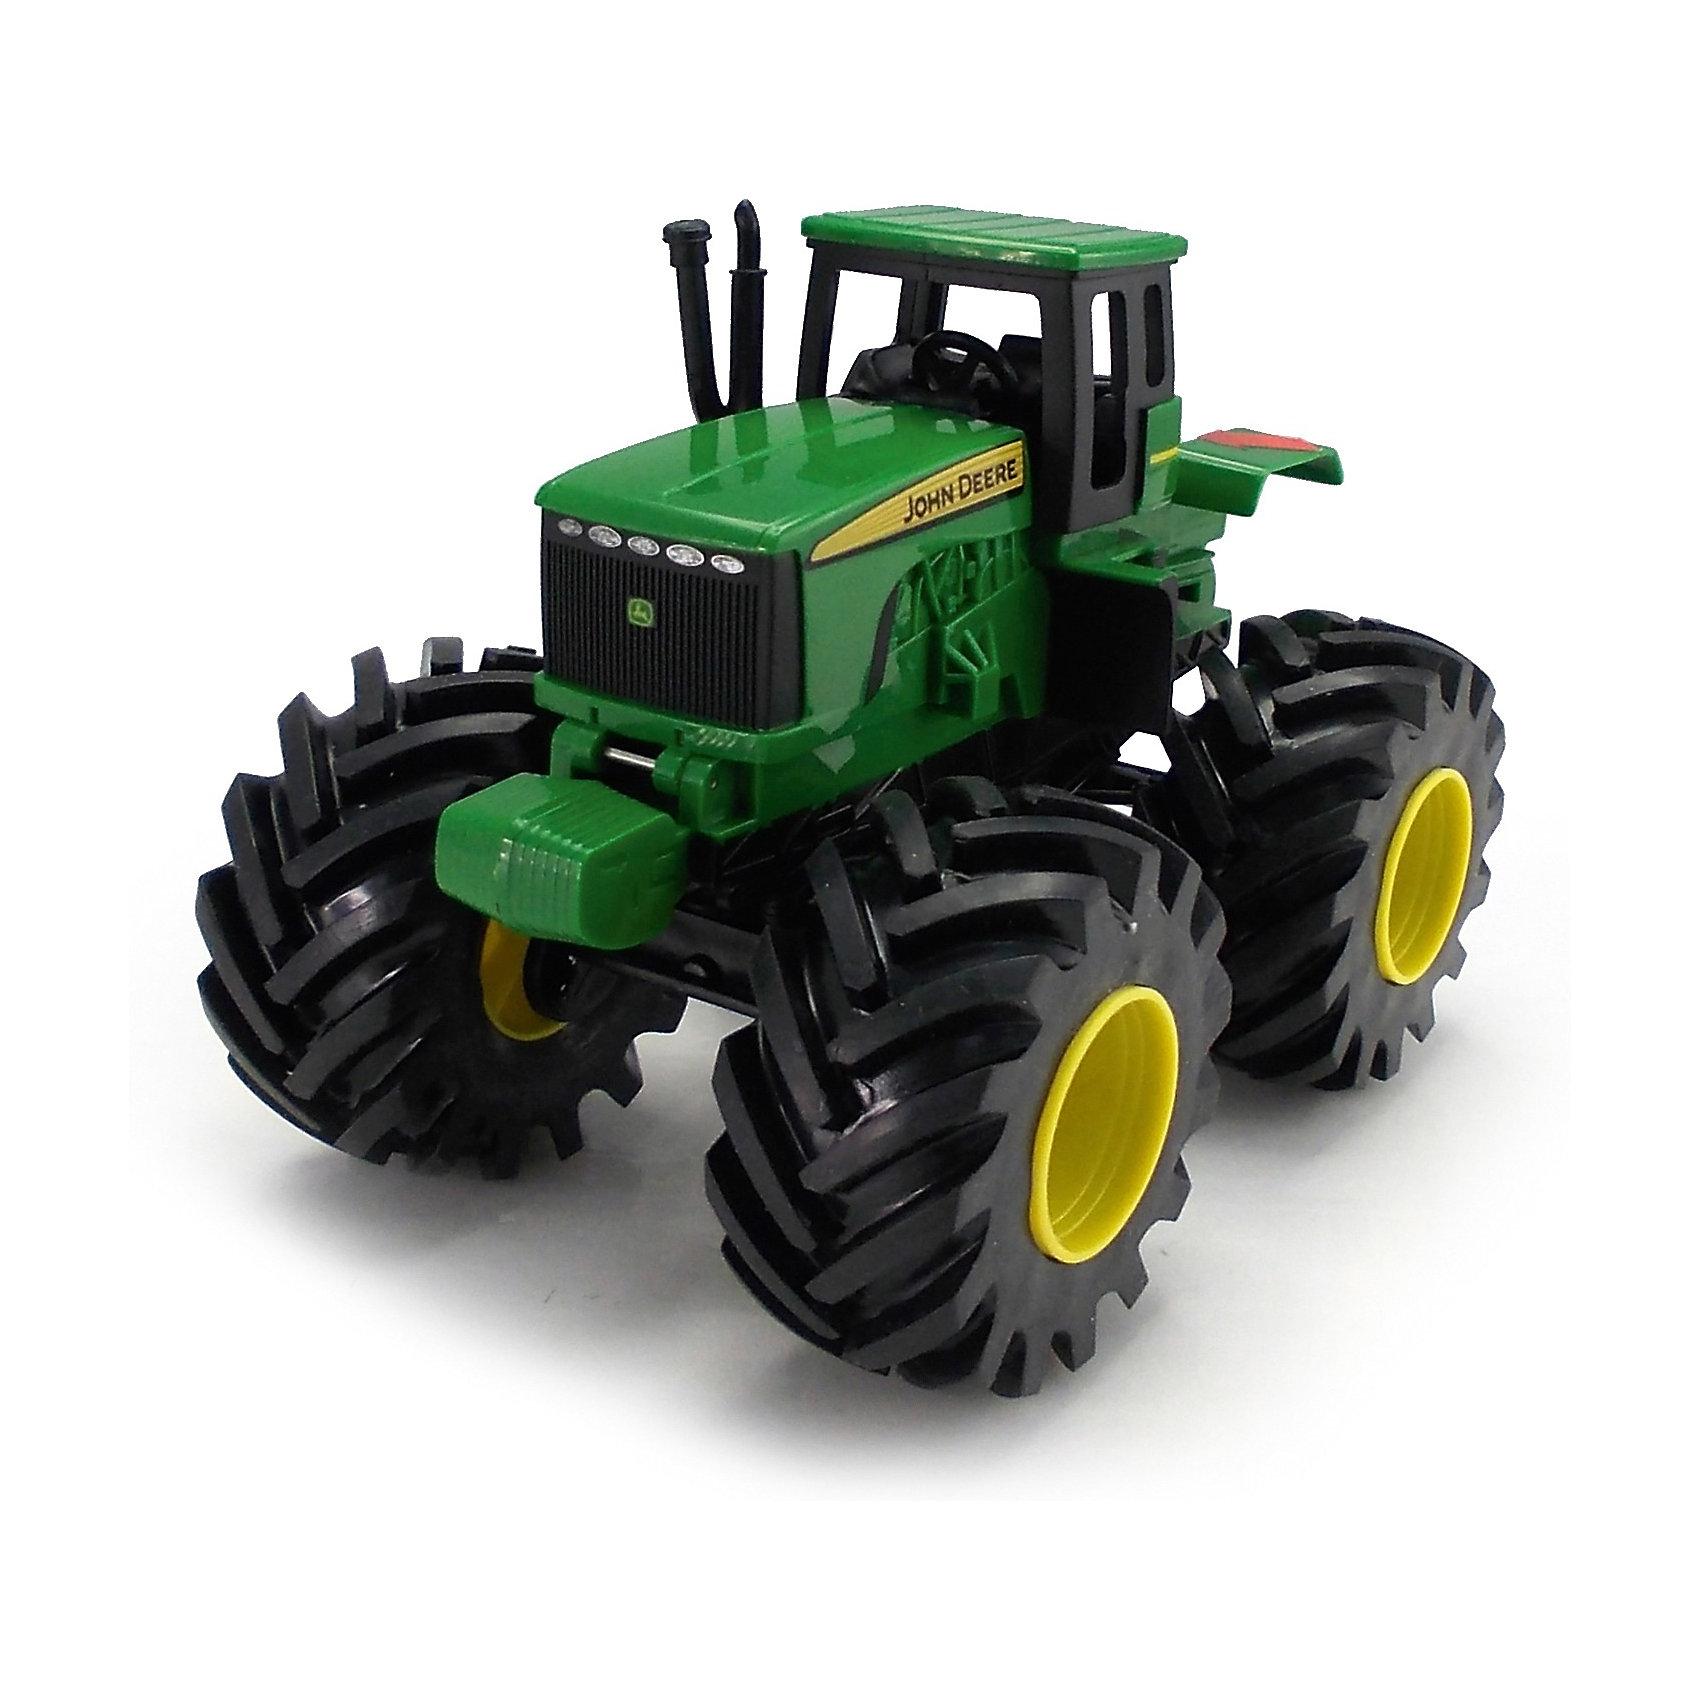 Tрактор с большими колесами и вибрацией, Monster ThreadМашинки<br>Трактор Monster Thread John Deer, Tomy (Томи) - это уменьшенная модель настоящего сельскохозяйственного трактора, выполненная в высоком качестве и с большим вниманием к деталям. Трактор John Deer незаменим для лесного хозяйства и для перевозки бревен, а его мощные колеса обеспечивают проходимость по любому бездорожью. Модель оснащена реалистичной кабиной для водителя с рулем и сиденьем, сбоку маленькая лестница. Крупные колёса трактора с протекторами, что обеспечивает тихий ход машины и сохранность напольного покрытия. Игрушка<br>обладает звуковыми эффектами: при нажатии на кнопку трактор вибрирует и издает характерный звуки работающей машины.<br><br><br> Дополнительная информация:<br><br>- Материал: высококачественный пластик. <br>- Требуются батарейки: 3 х AAA (входят в комплект).<br>- Размер игрушки: 23,5 x 15,5 x 20 см. <br>- Размер упаковки: 26 x 17 x 22 см.  <br>- Вес: 0,912 кг. <br><br>Tрактор с большими колесами и вибрацией, Monster Thread, Tomy (Томи), можно купить в нашем интернет-магазине.<br><br>Ширина мм: 271<br>Глубина мм: 226<br>Высота мм: 180<br>Вес г: 929<br>Возраст от месяцев: 36<br>Возраст до месяцев: 96<br>Пол: Мужской<br>Возраст: Детский<br>SKU: 3592465